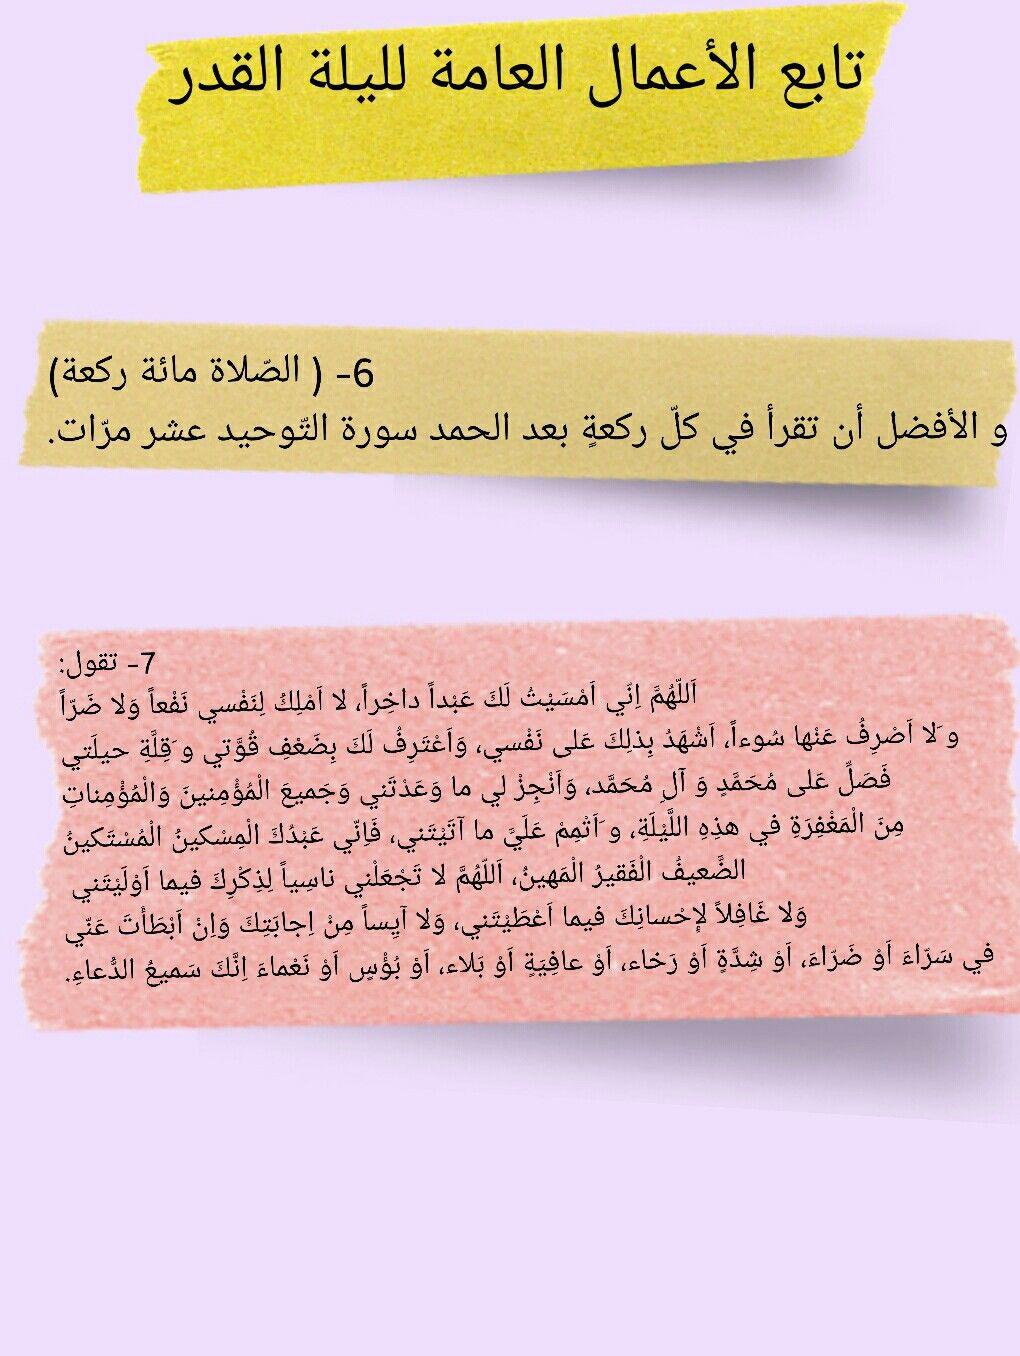 2 أعمال ليلة القدر العامة رمضان تمت الاستفادة من المصدر حقيبة المؤمن شبكة الكفيل العالمية Eyeshadow